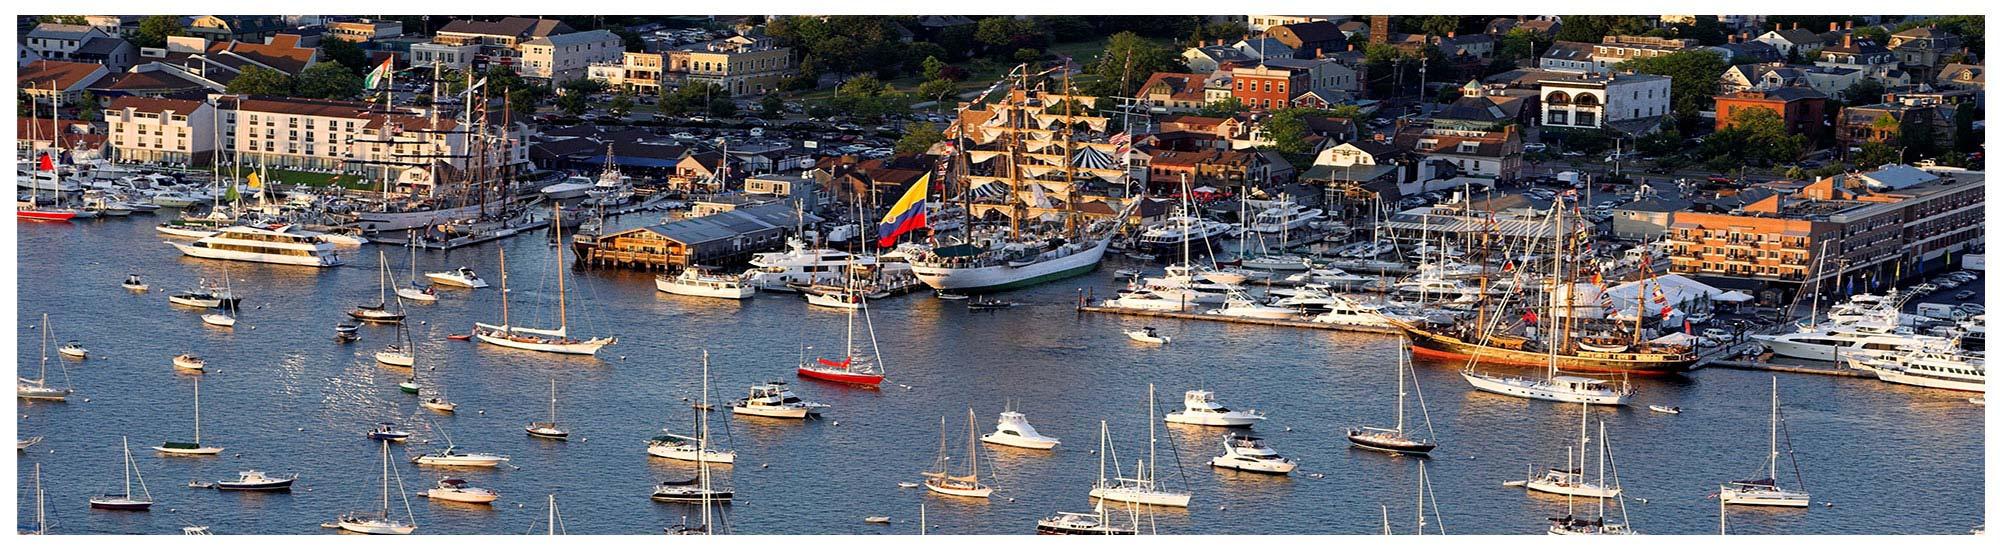 https://i0.wp.com/www.destinationnewport.com/boating/images/boatingheader.jpg